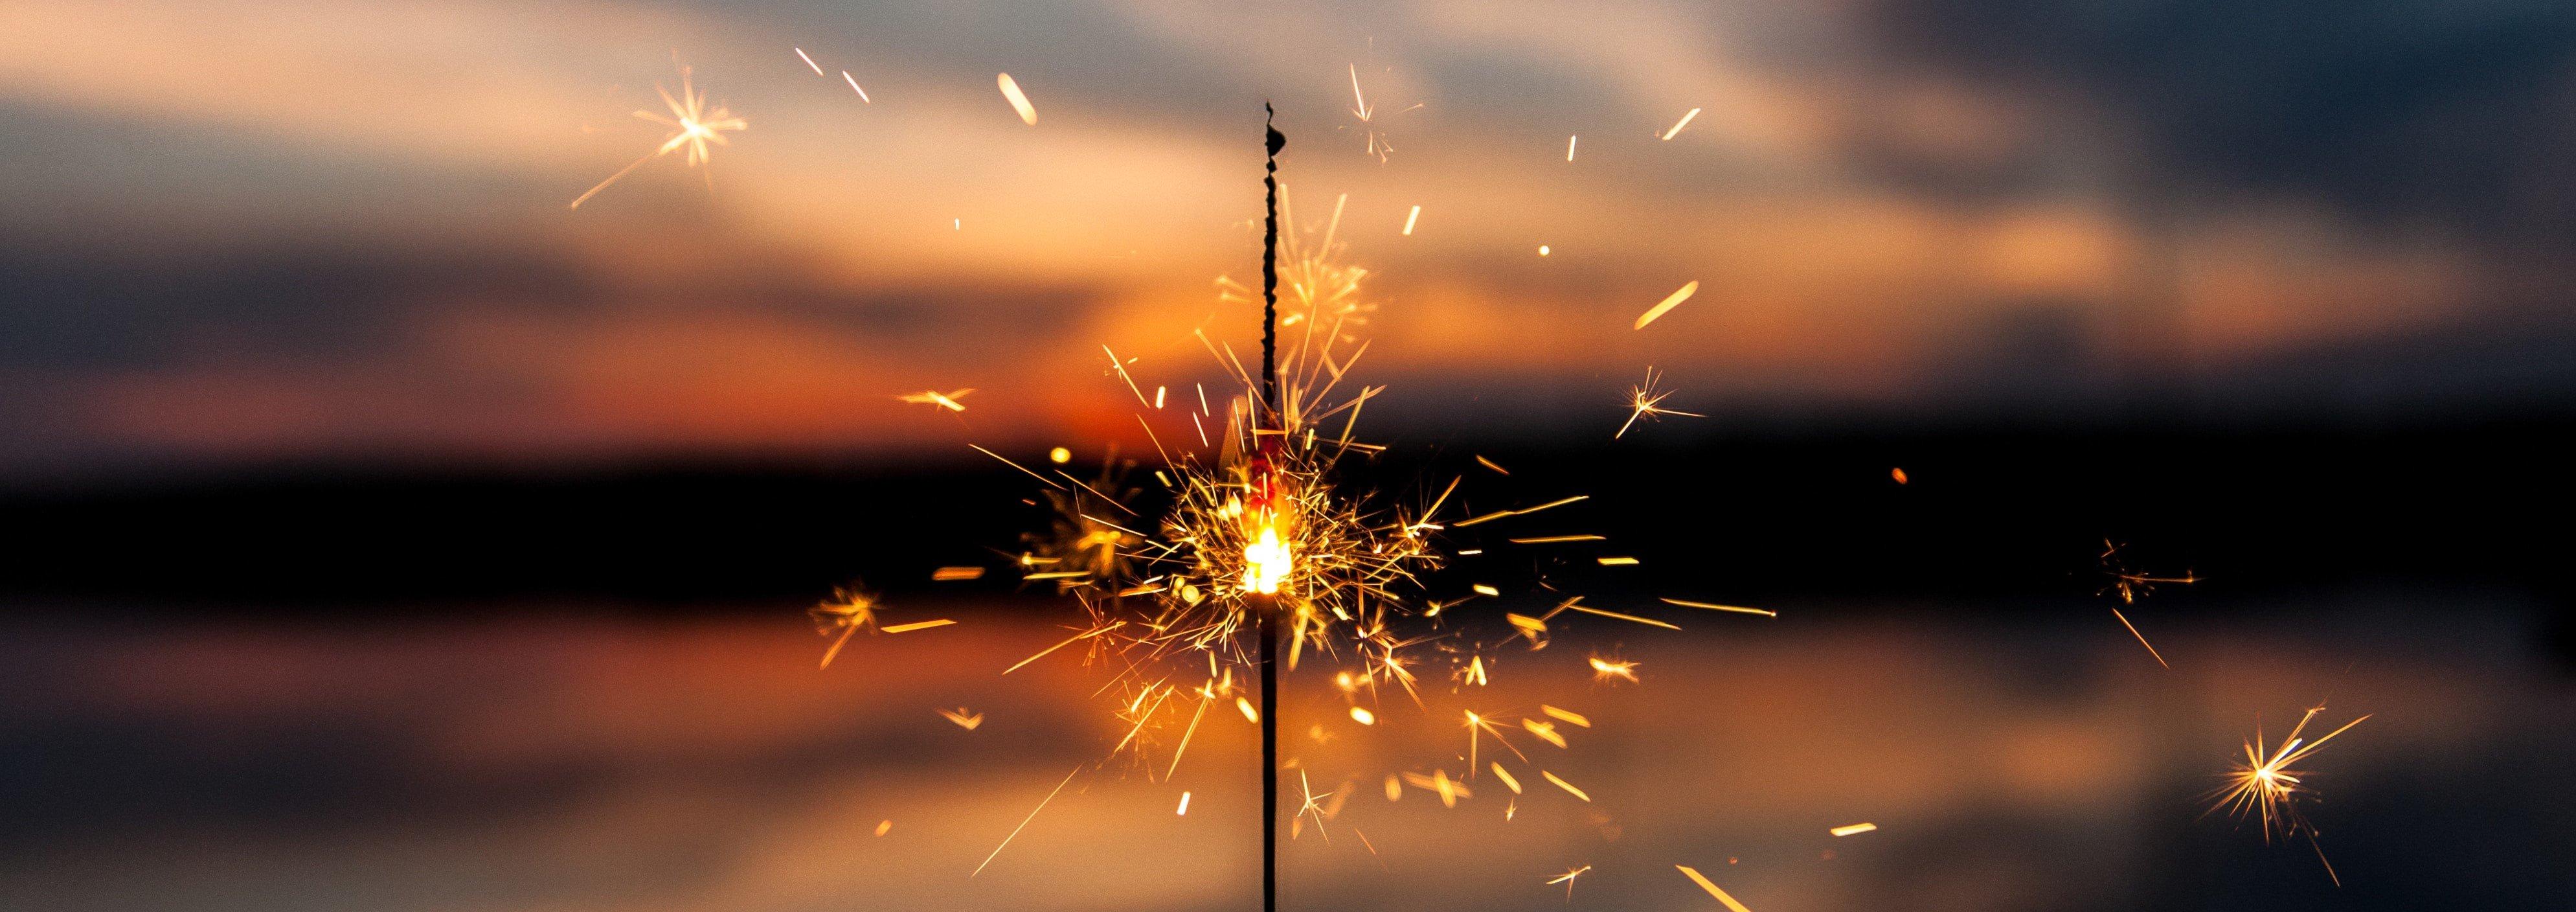 sparkle banner - dawid-zawila-E9b5kcgCR9Y-unsplash